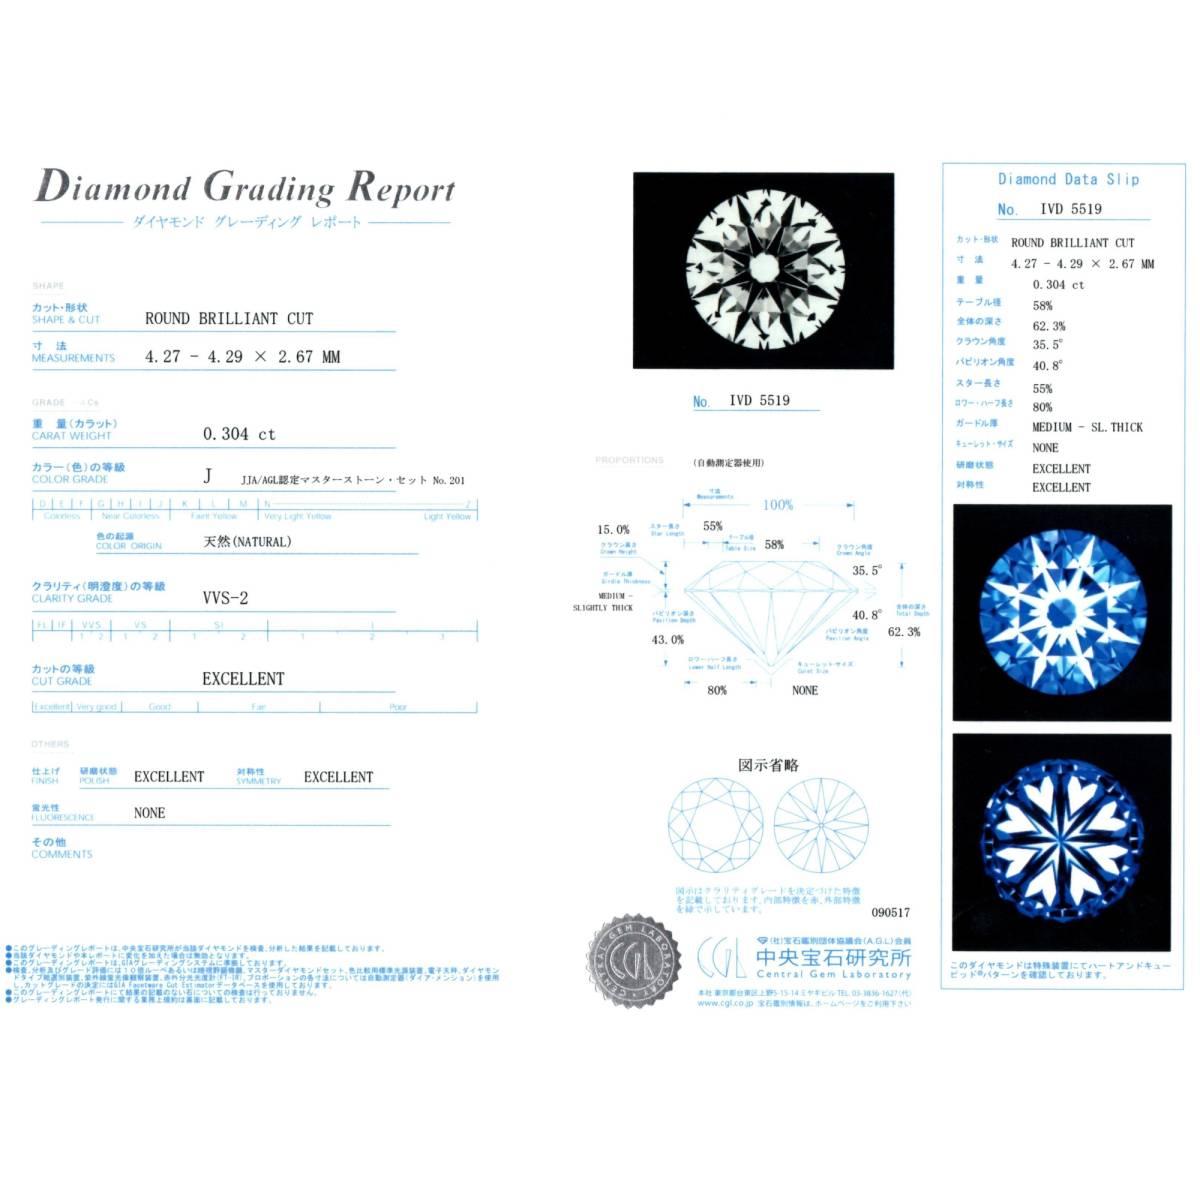 ◆【極上】プラチナ pt900 ダイヤモンド ピアス 3EX(H&C) 0.608ct 憧れの一品!diamond 2Pとも中宝鑑付き! 【珠玉】◆_それぞれのルースに1冊づつ附属します。